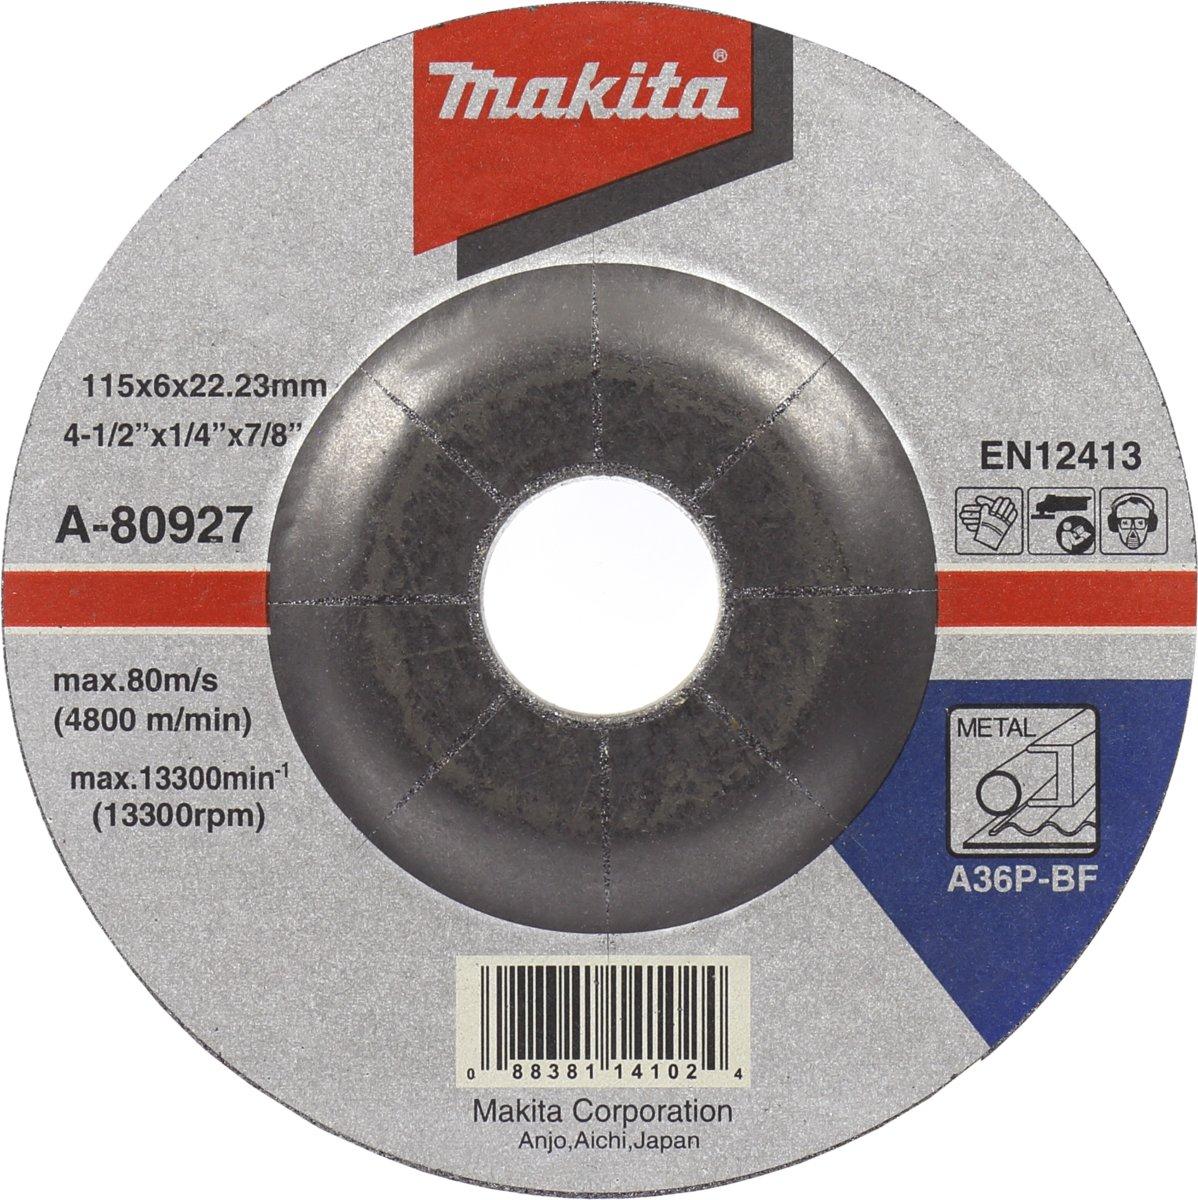 Makita A-80949 Afbraamschijf 180x6,0mm metaal kopen